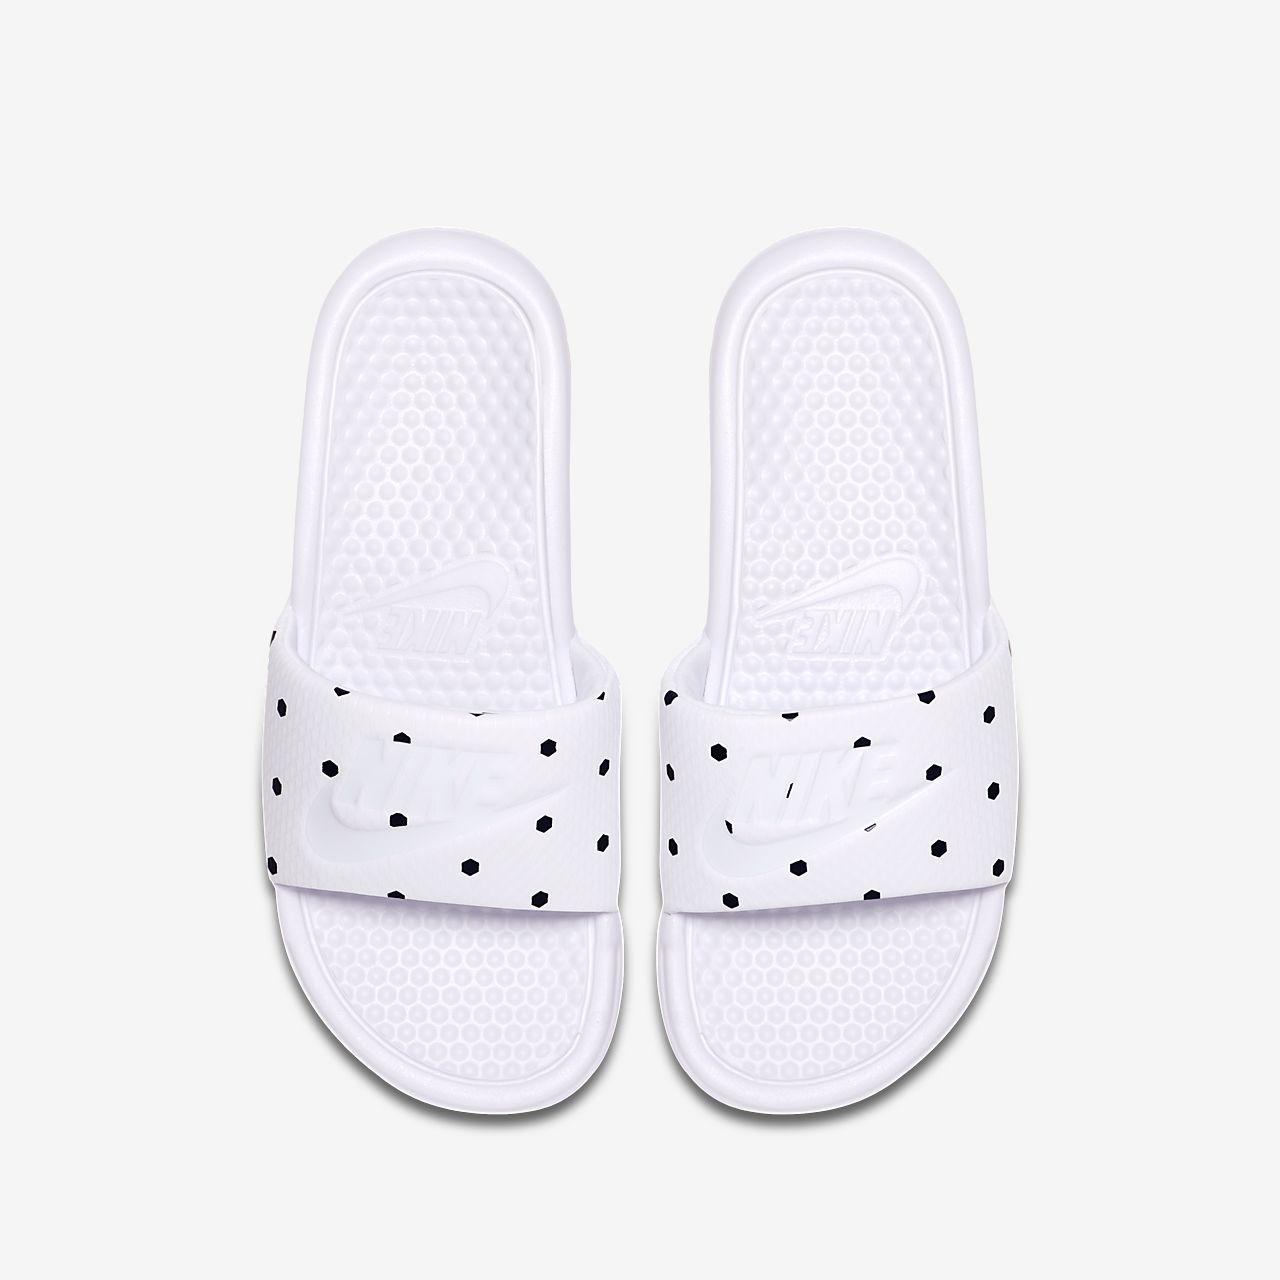 Nike Benassi Unité Totale-badesandal til kvinder